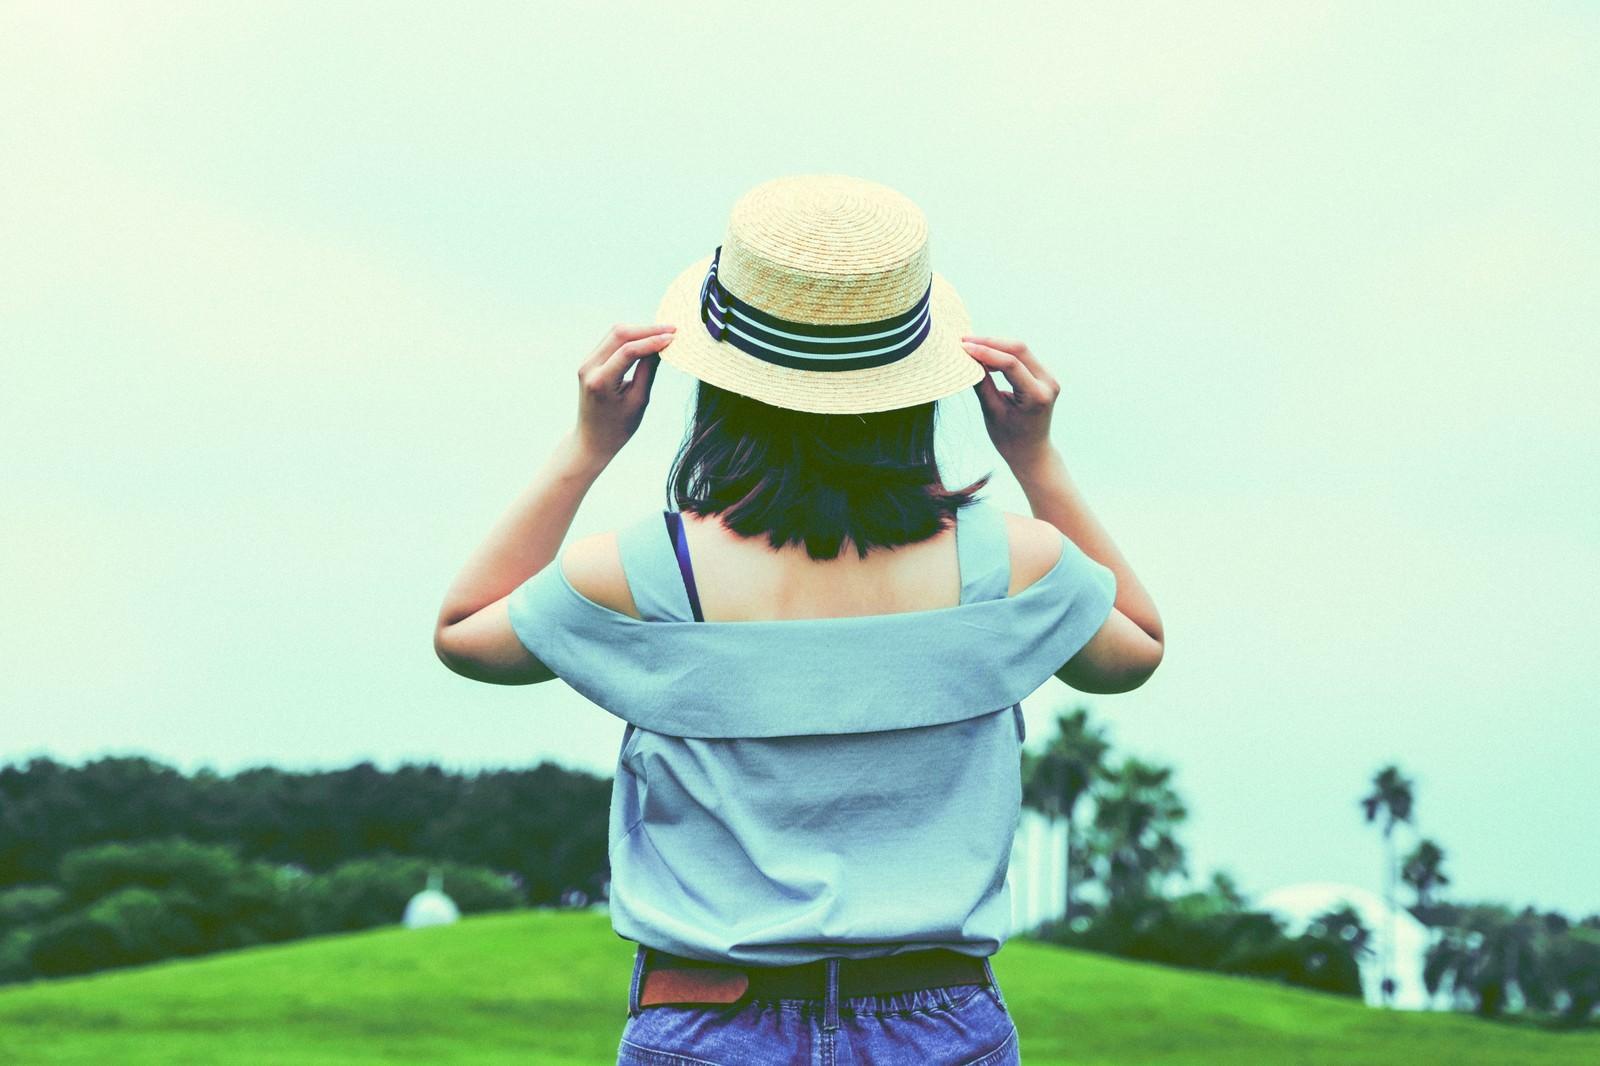 「小さい麦わら帽子をかぶる女子の後ろ姿 | 写真の無料素材・フリー素材 - ぱくたそ」の写真